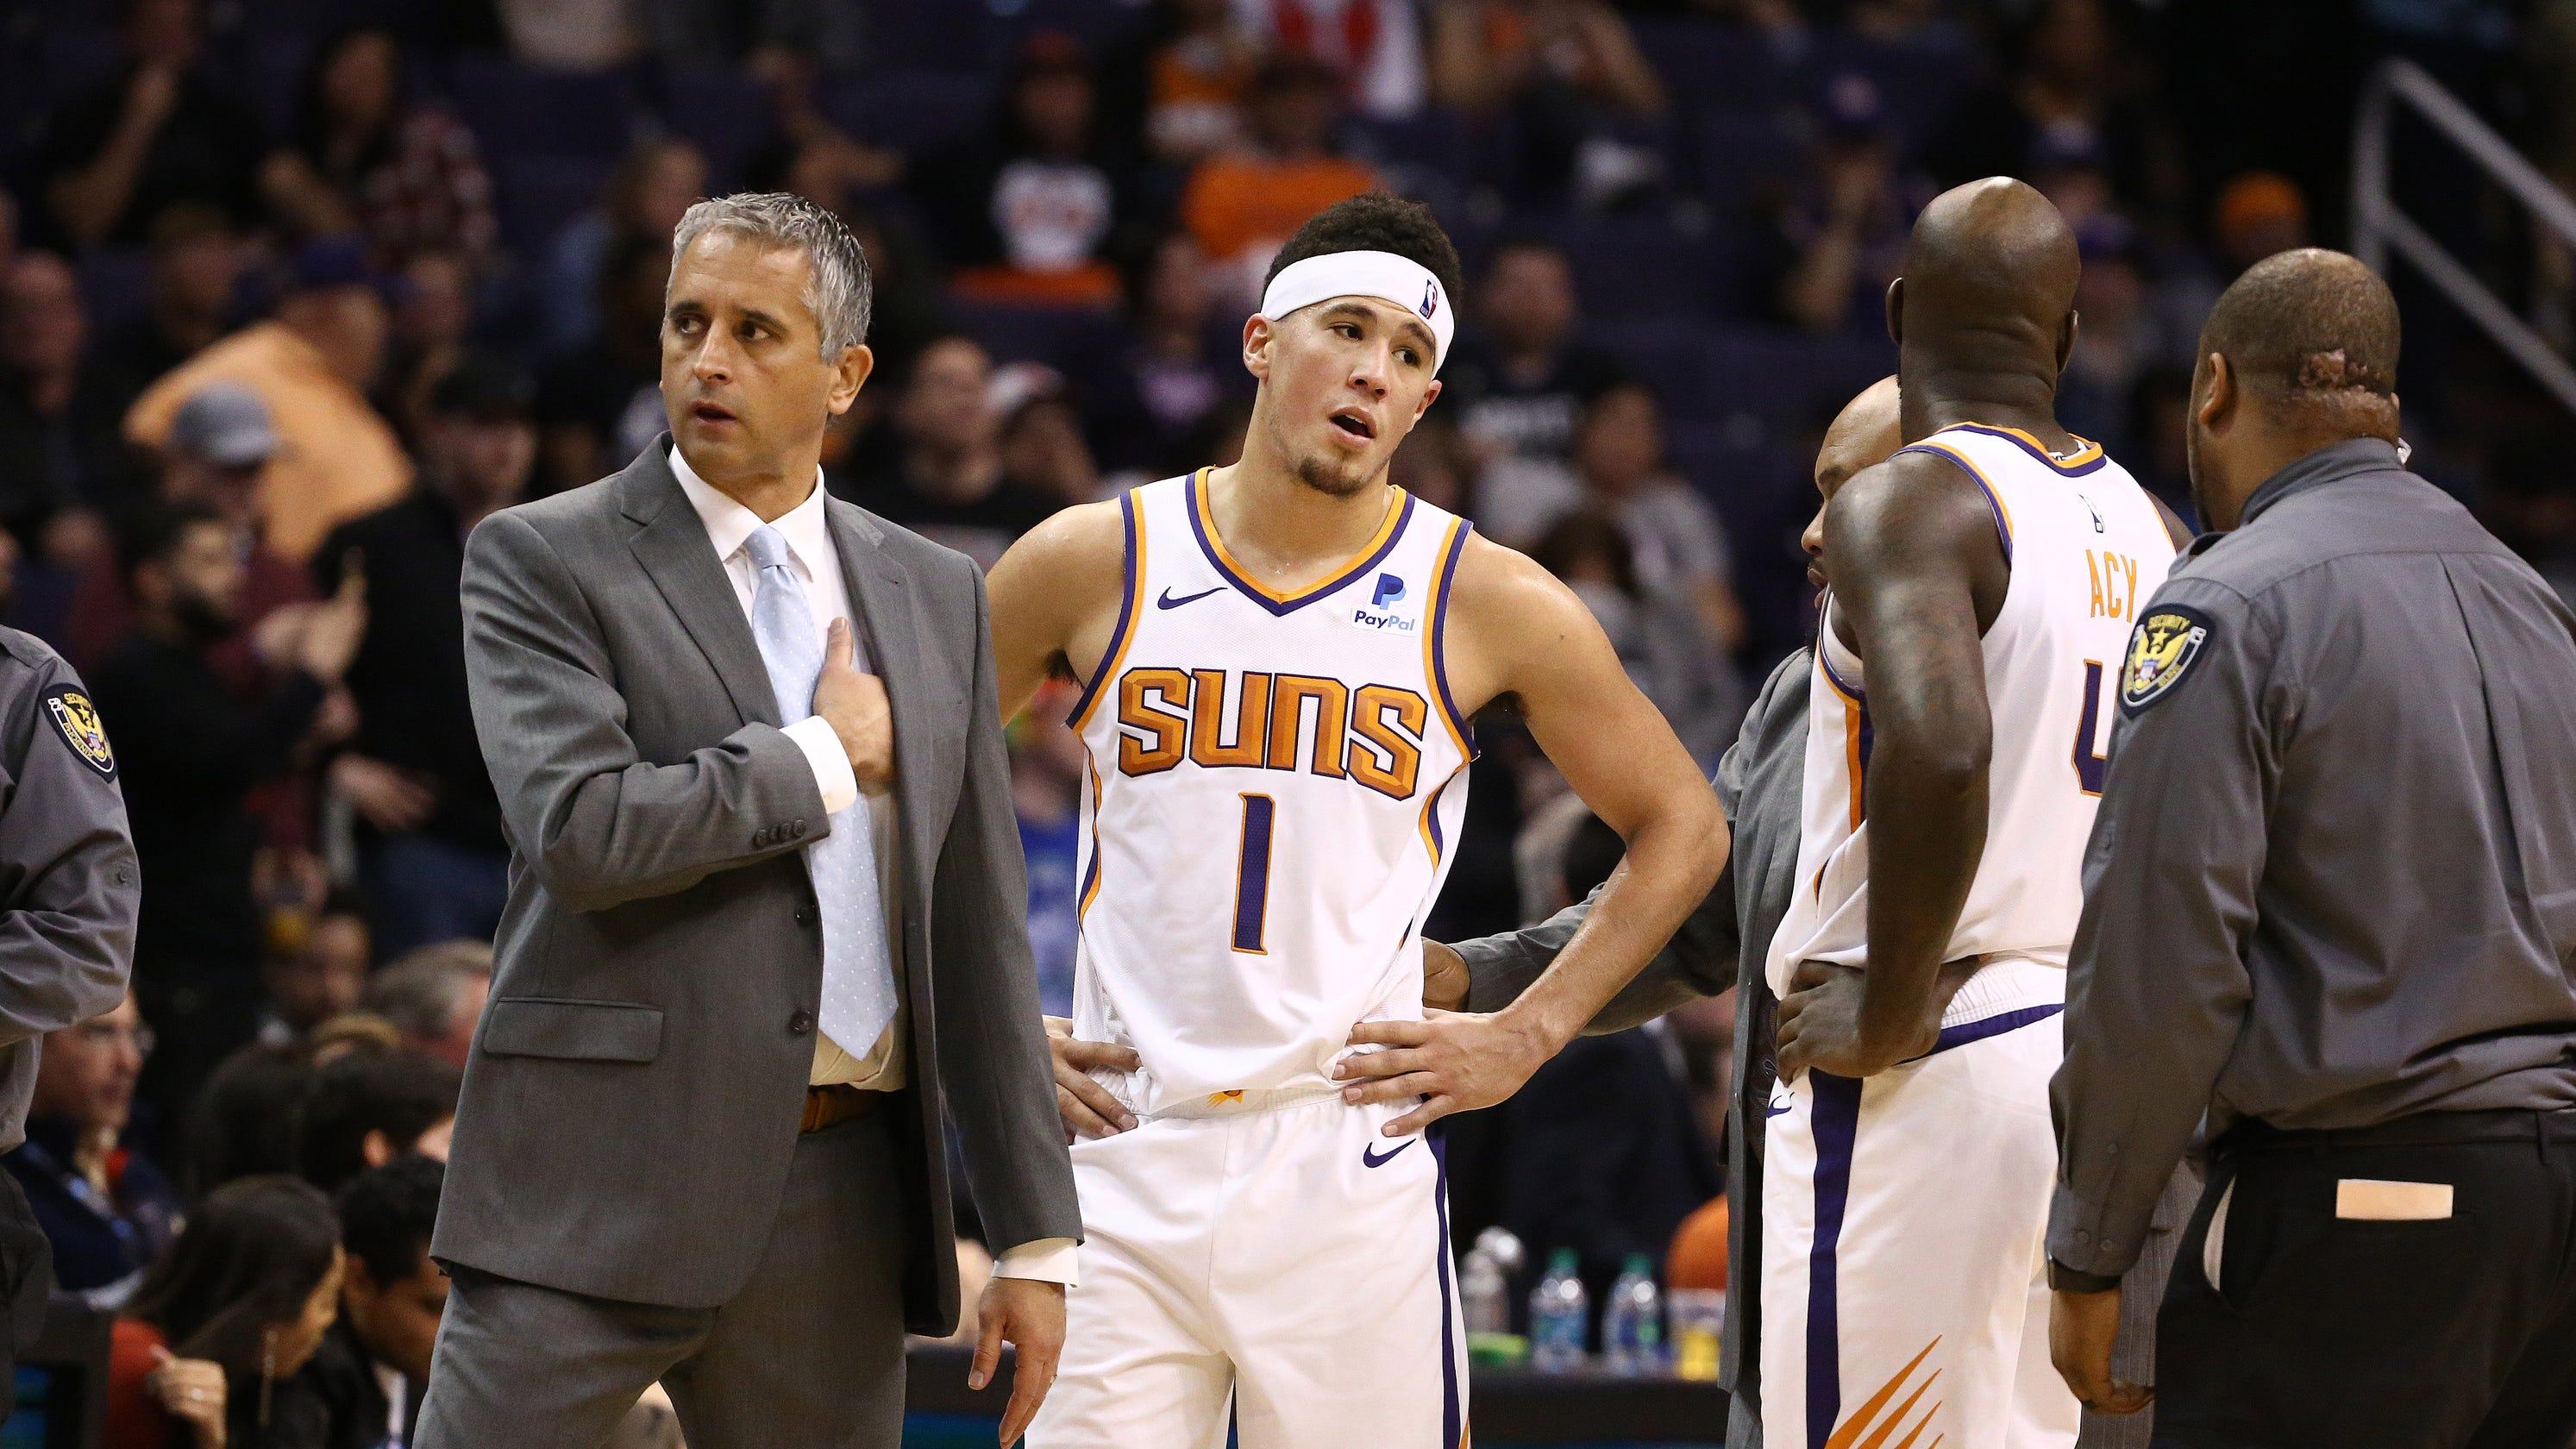 914435c9a Phoenix Suns  Respect main reason Devin Booker went after Gorgui Dieng